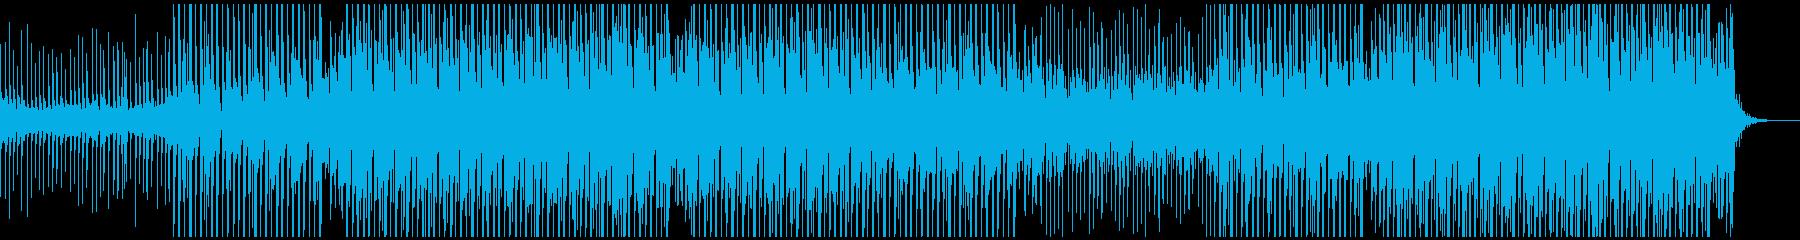 パーティーポップミュージックの再生済みの波形